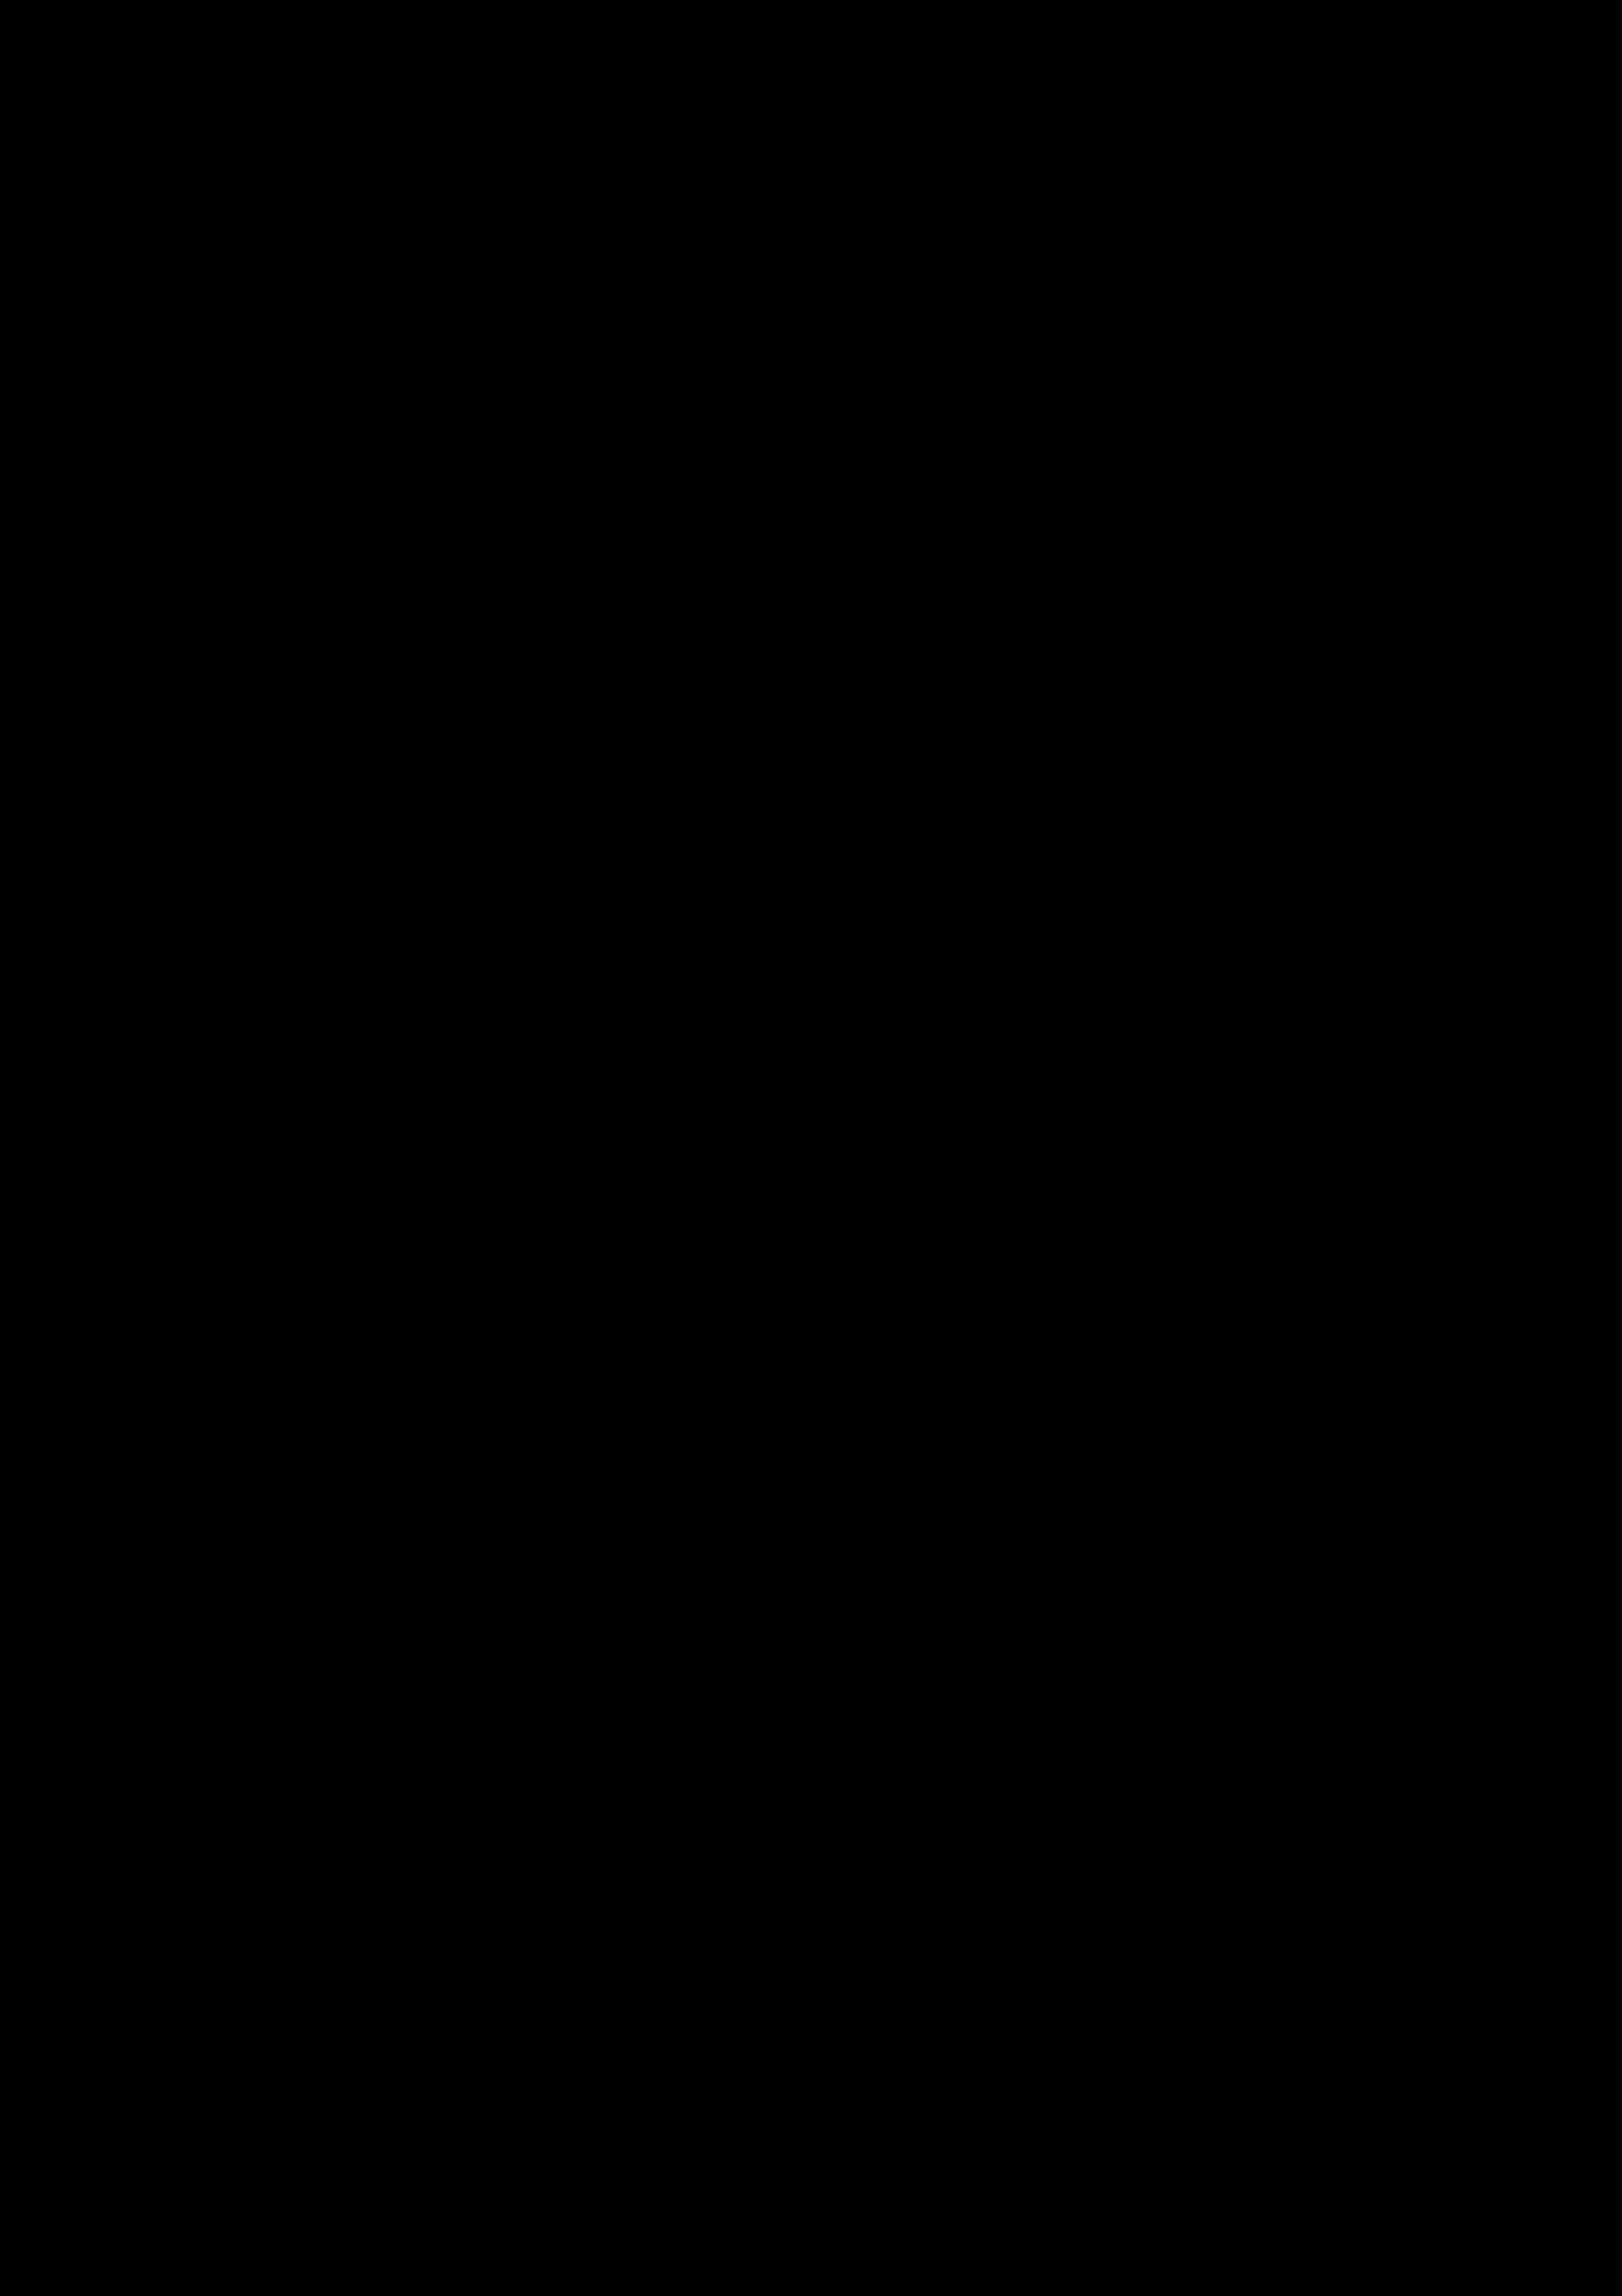 Ausstellung Klima Plakat